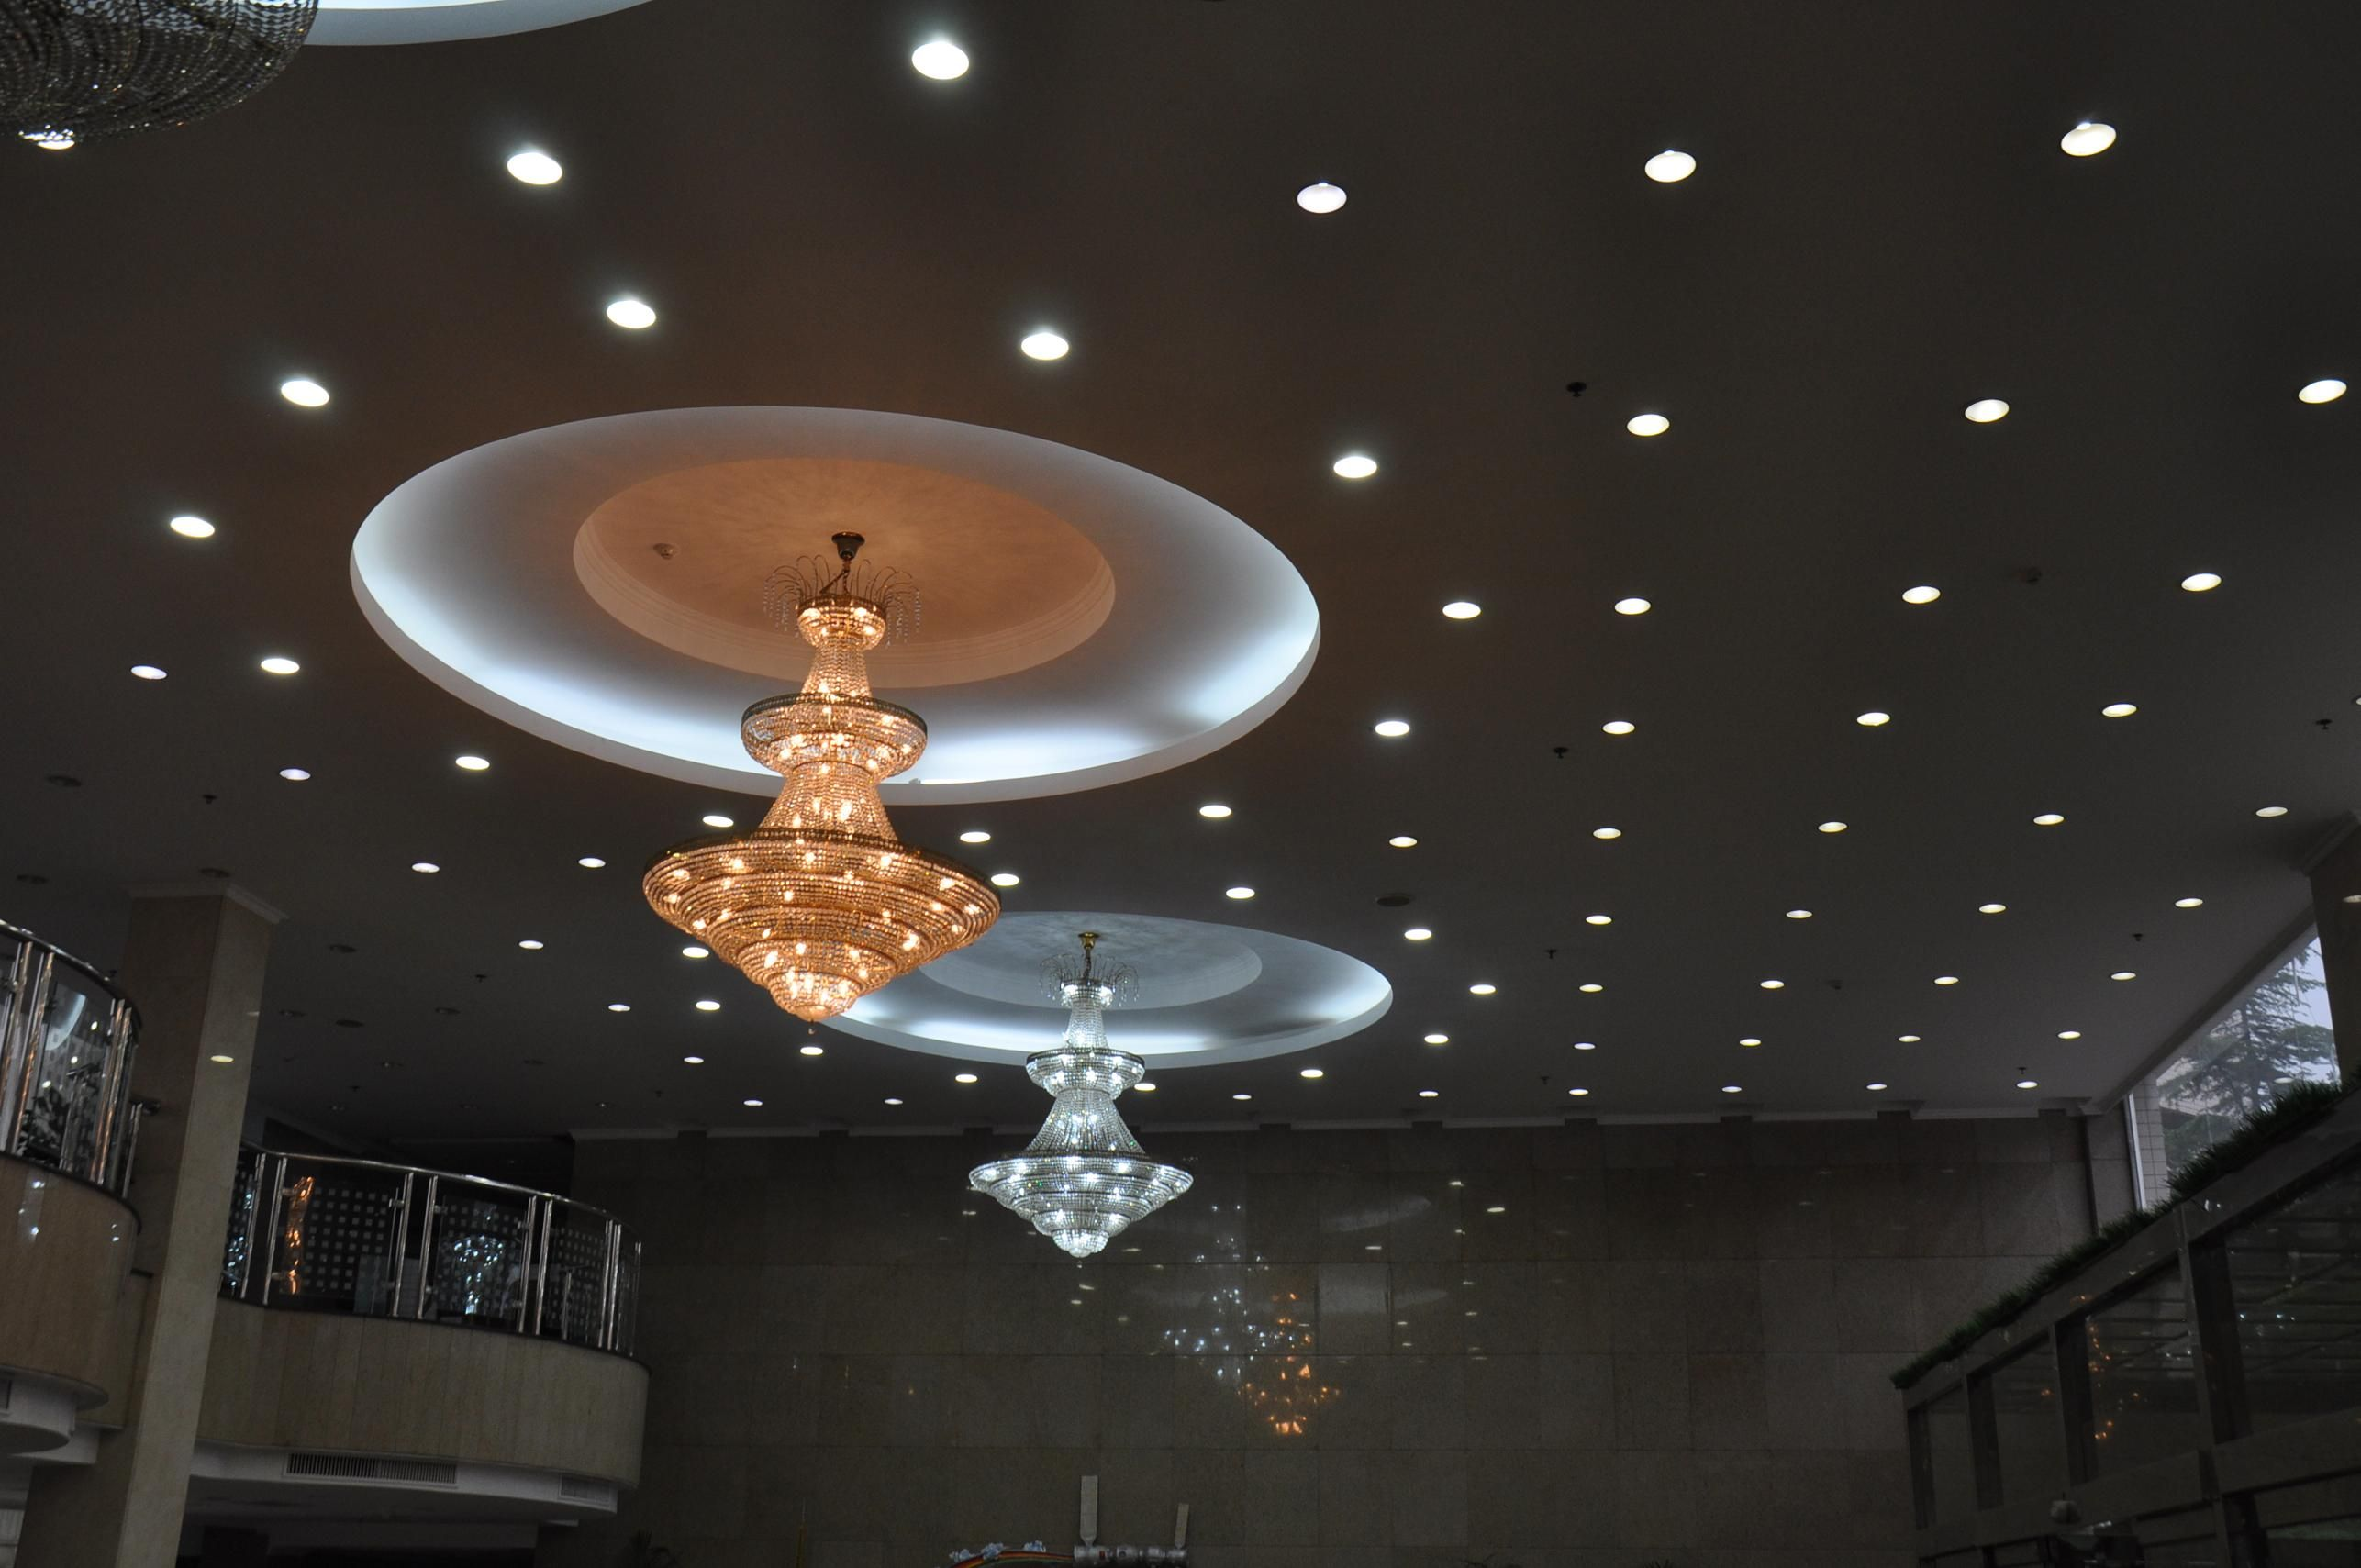 uno splendido soffitto con lampadari di cristallo